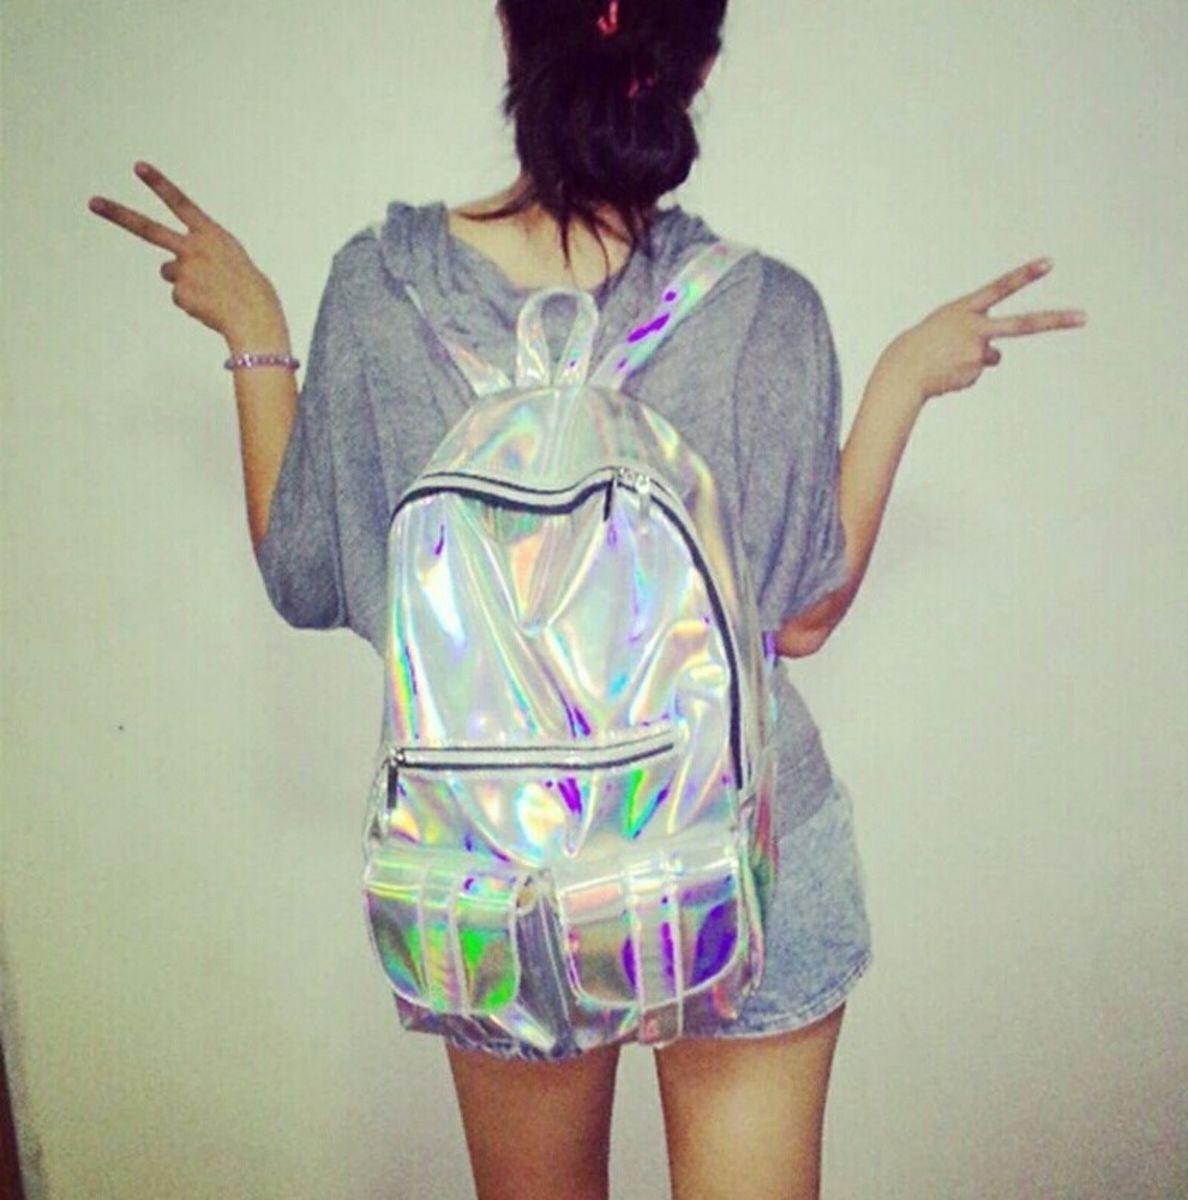 mochila holográfica - mochila sem marca